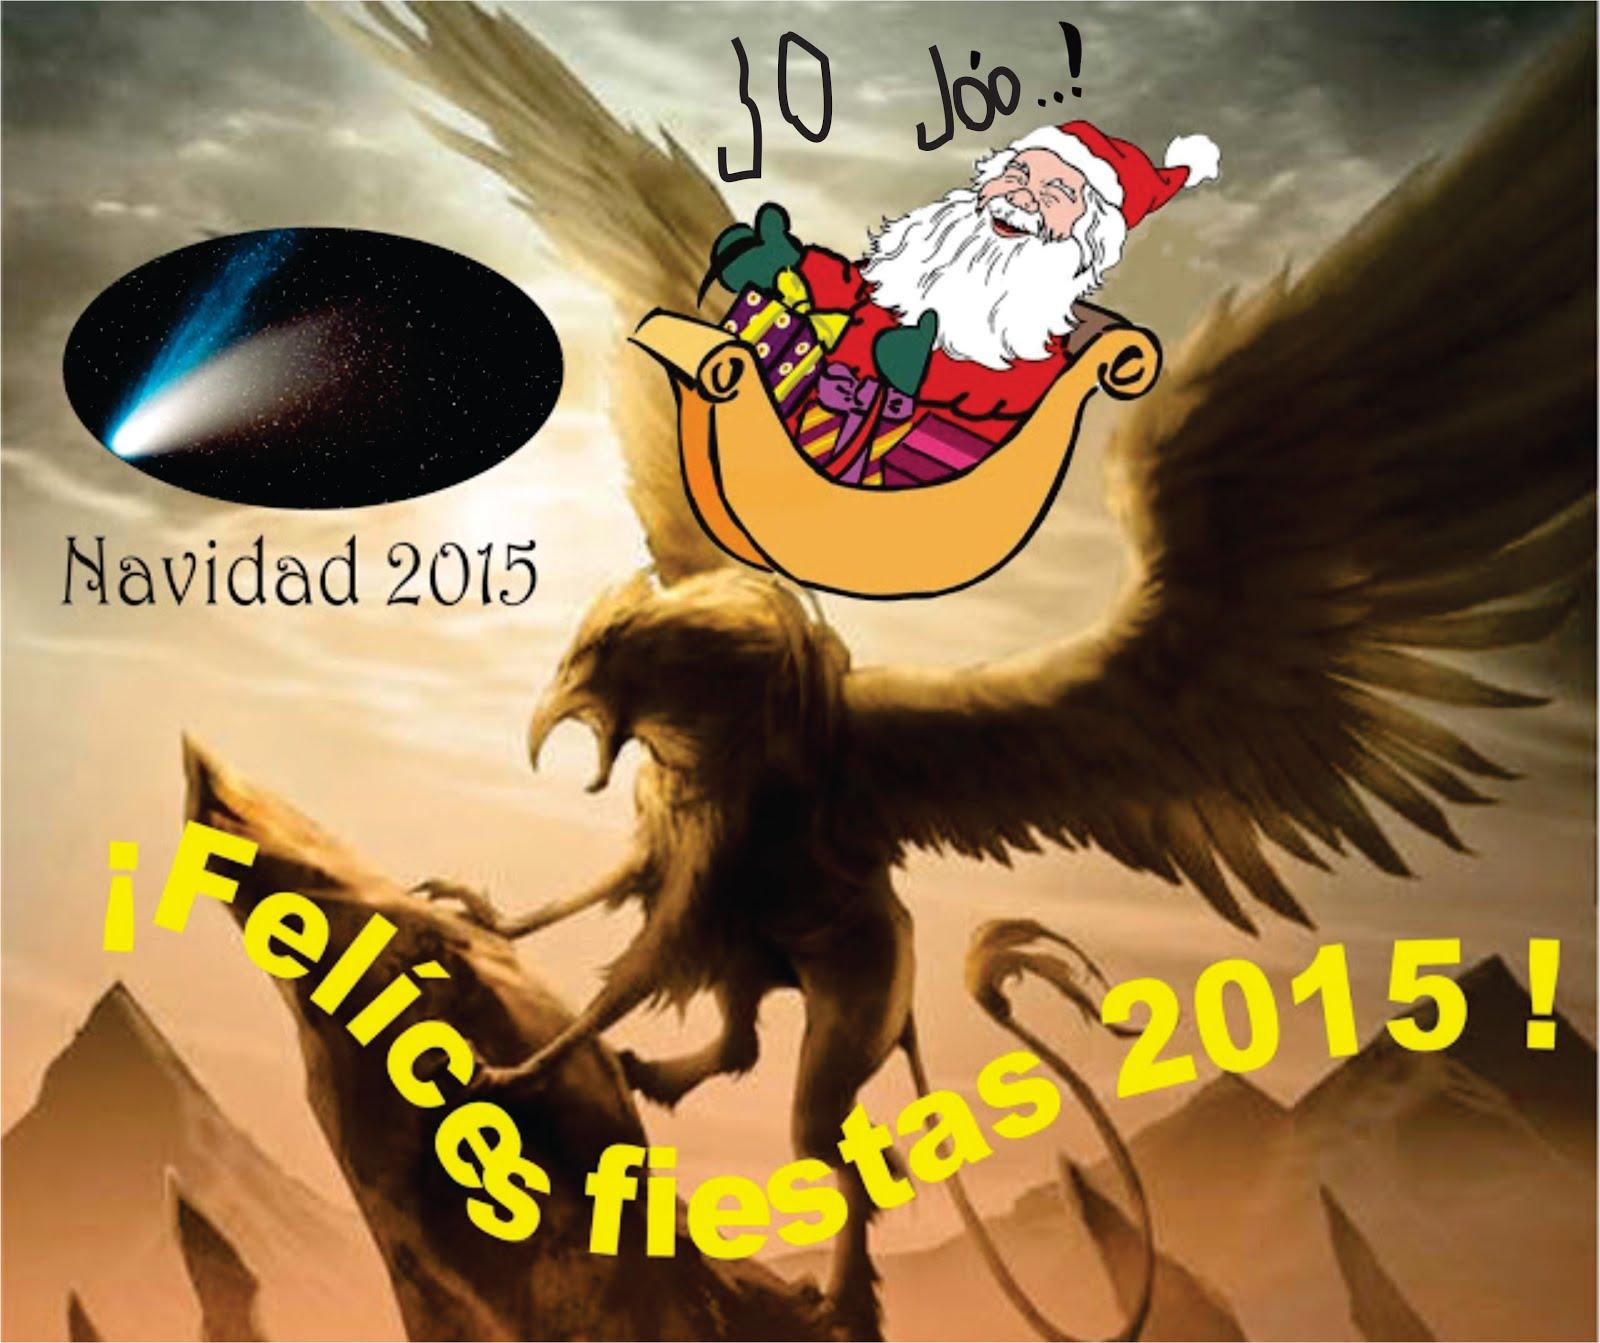 ¡FELÍCES FIESTAS 2015!